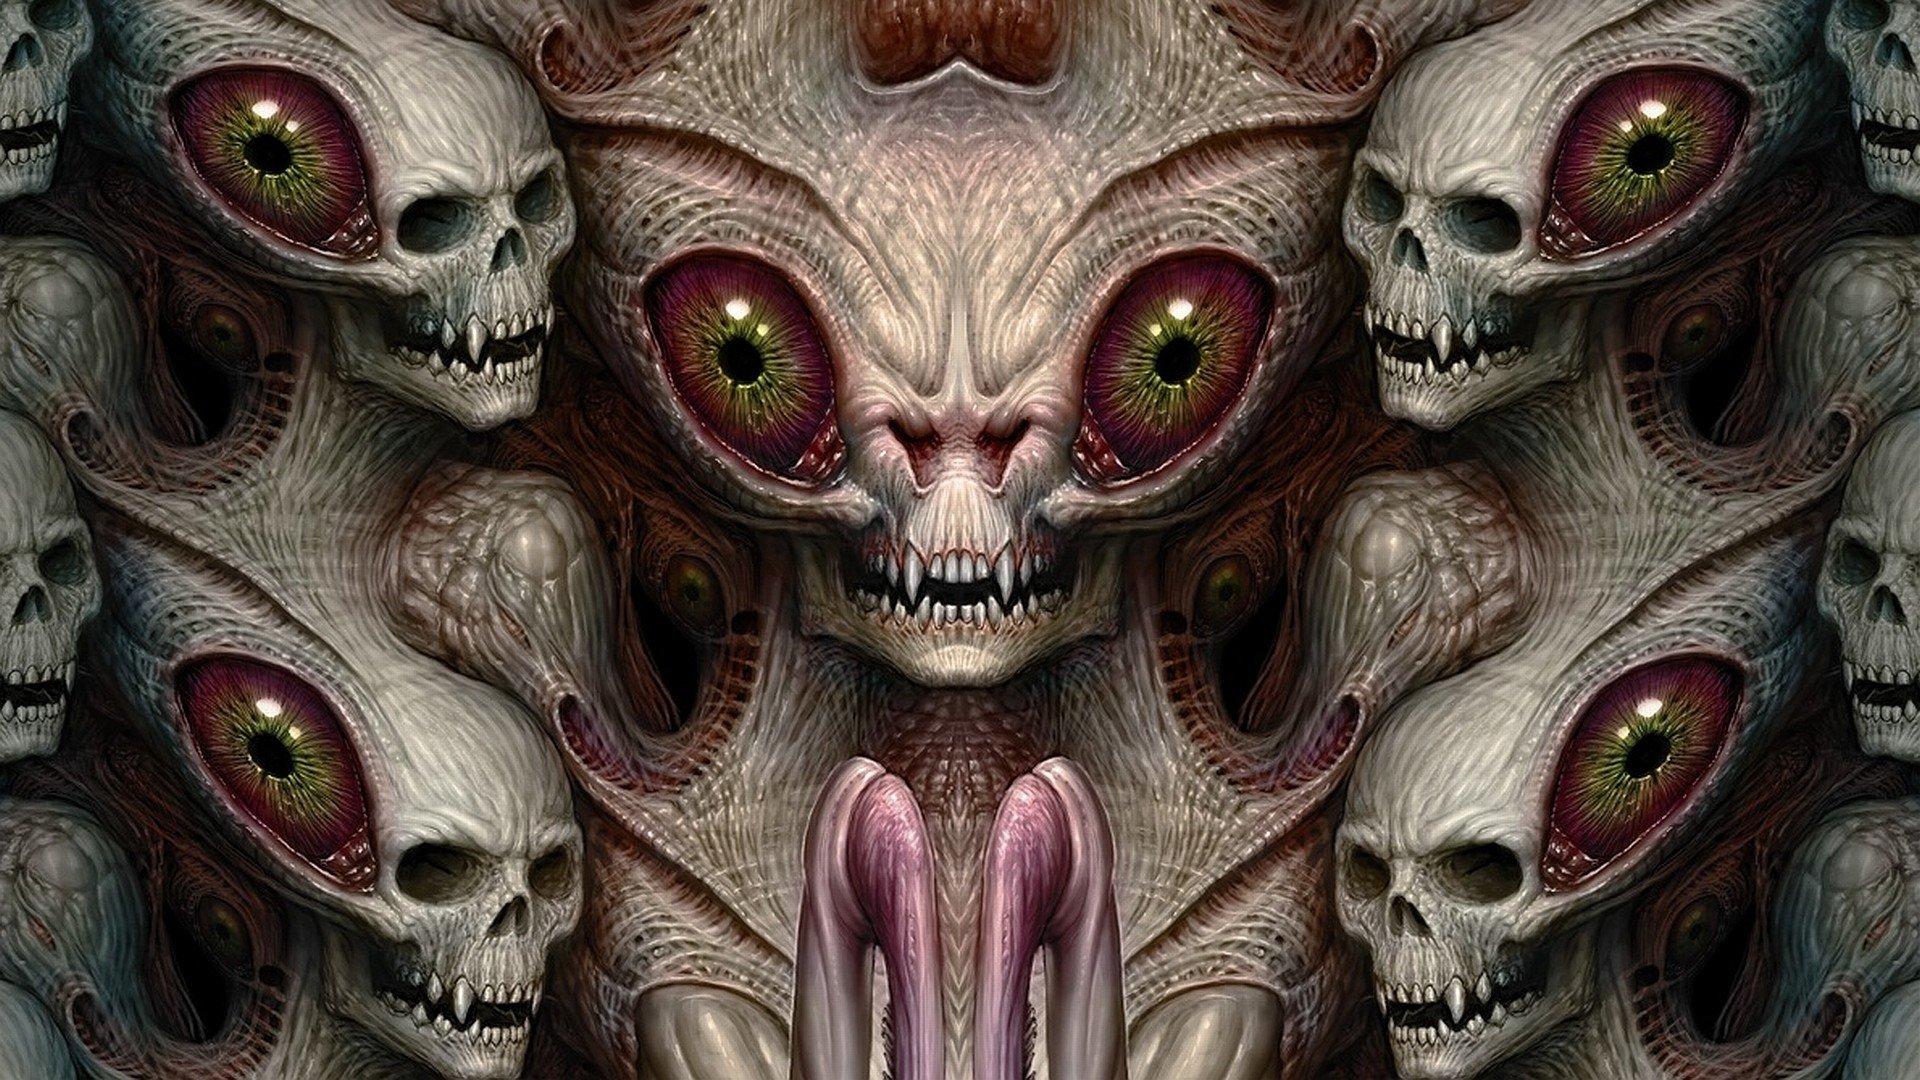 aliens, Creature, Drawing, Skull, Eyes, Teeth, Symmetry Wallpaper